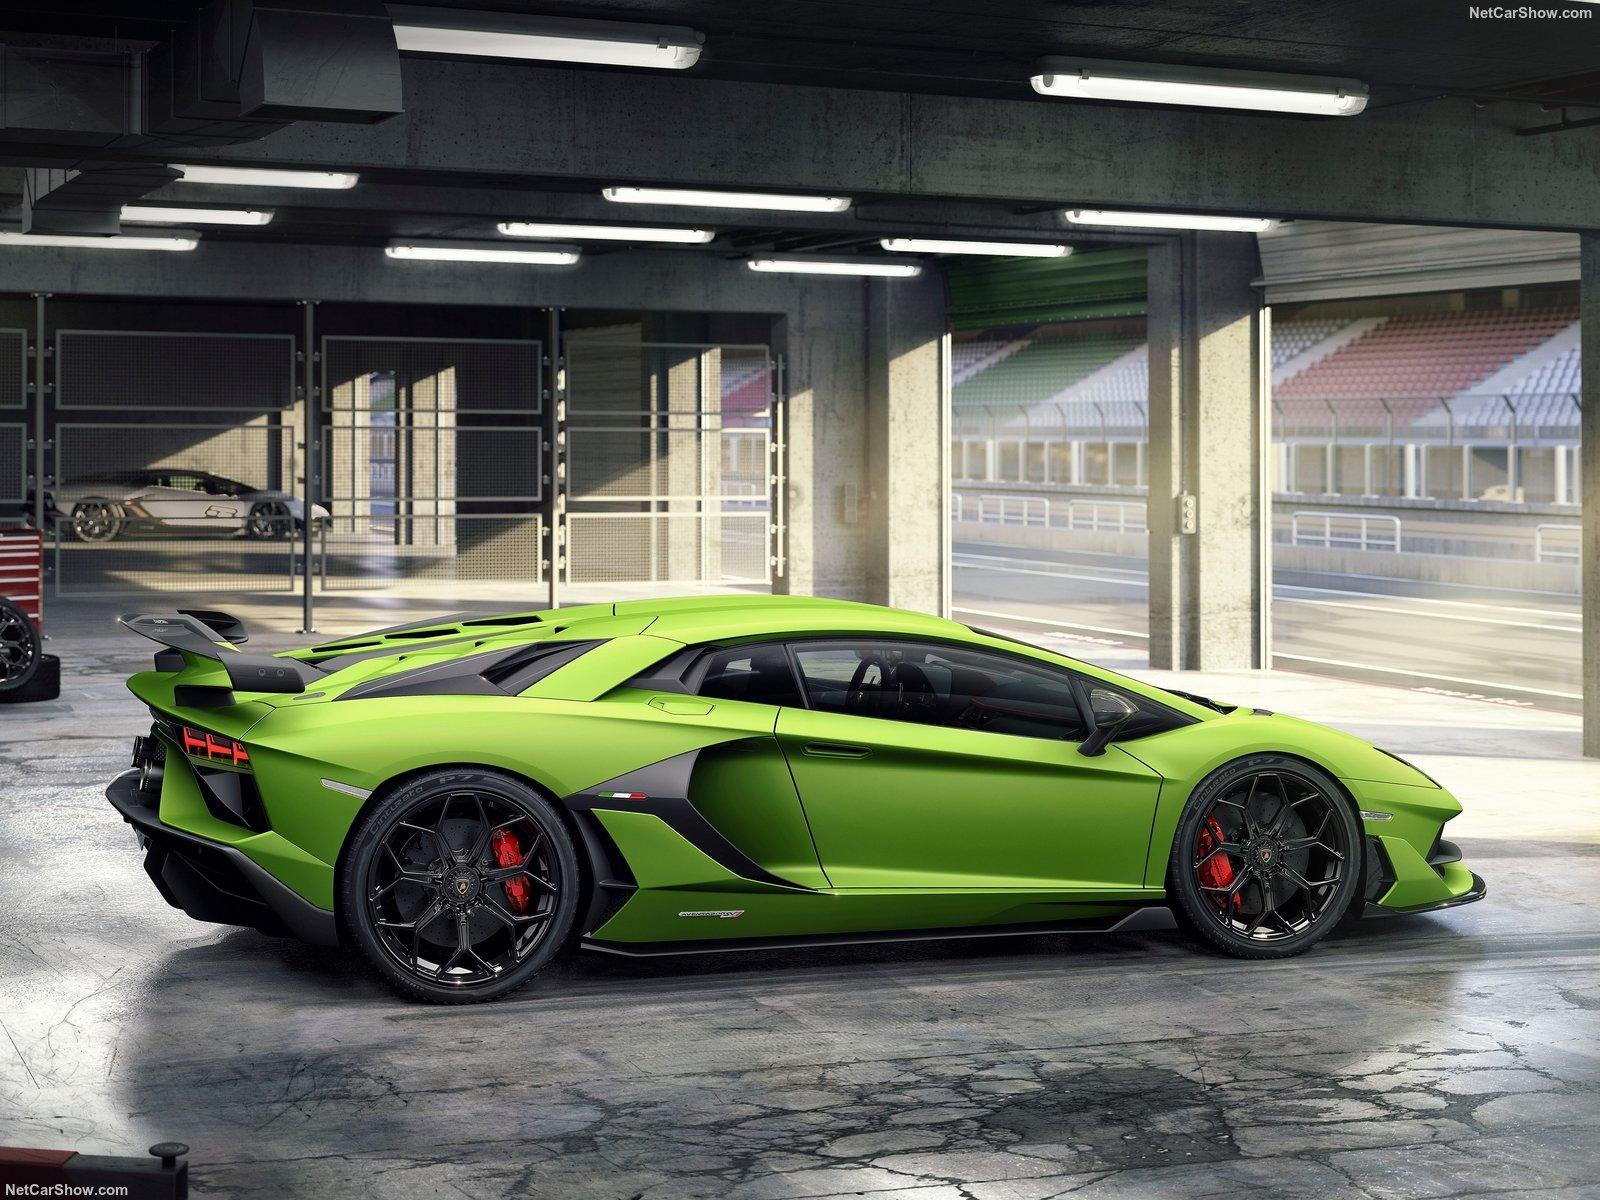 Lamborghini-Aventador_SVJ-2019-1600-05